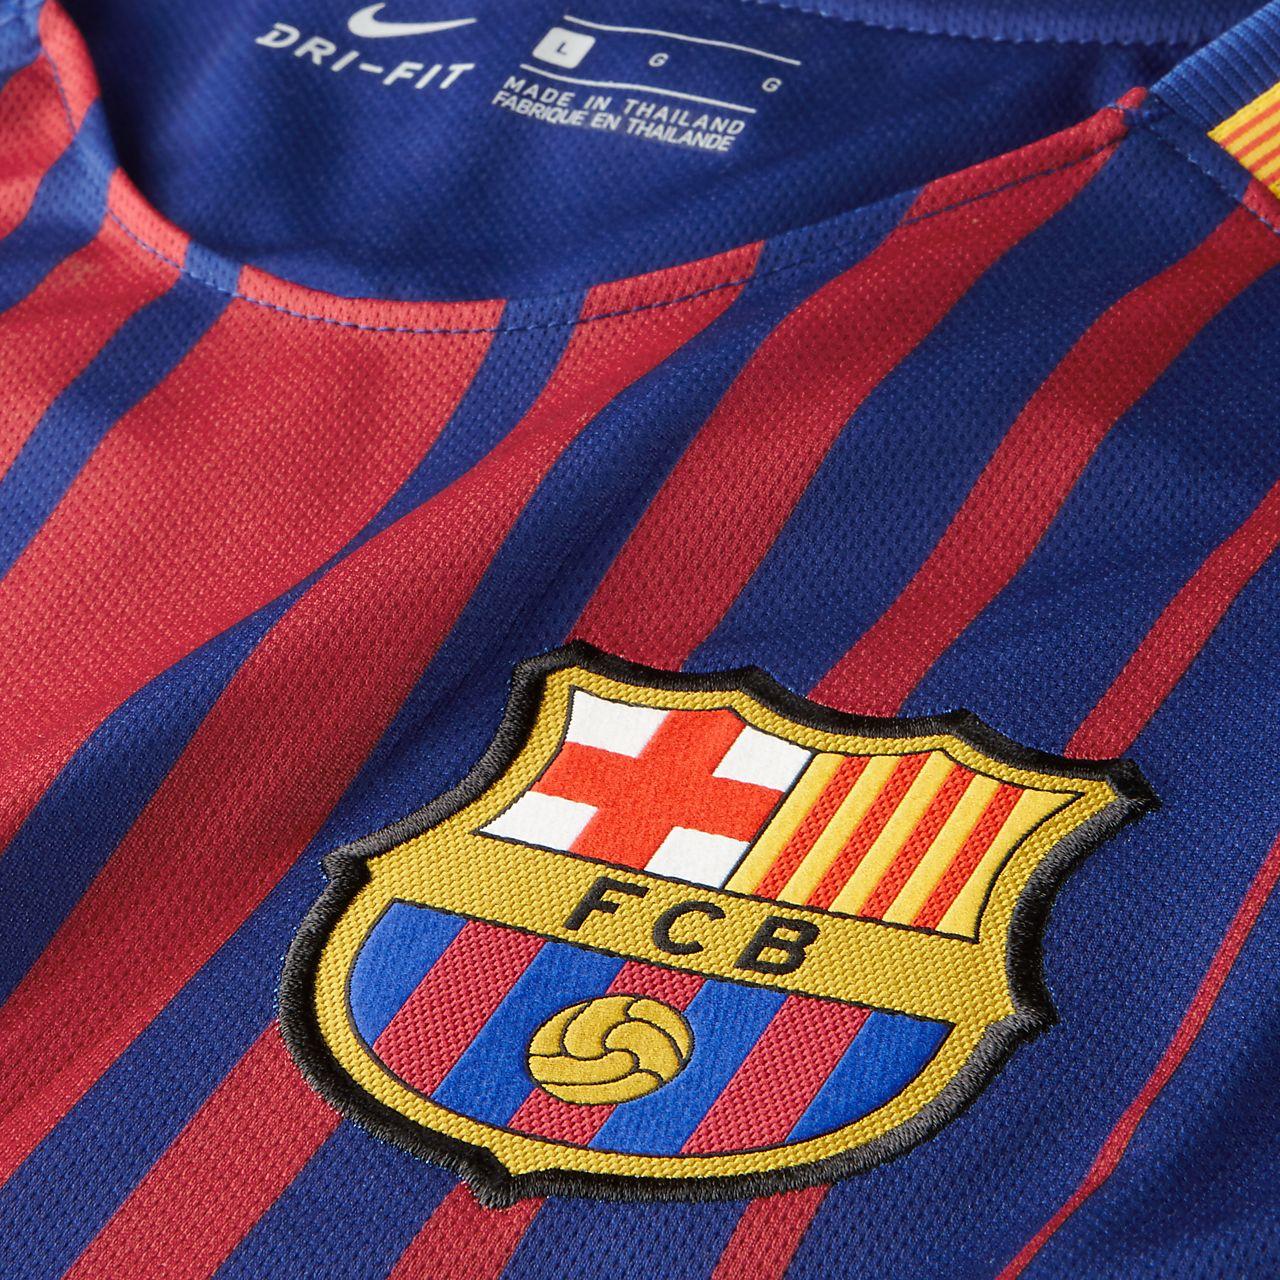 fcbarcelona-shirt